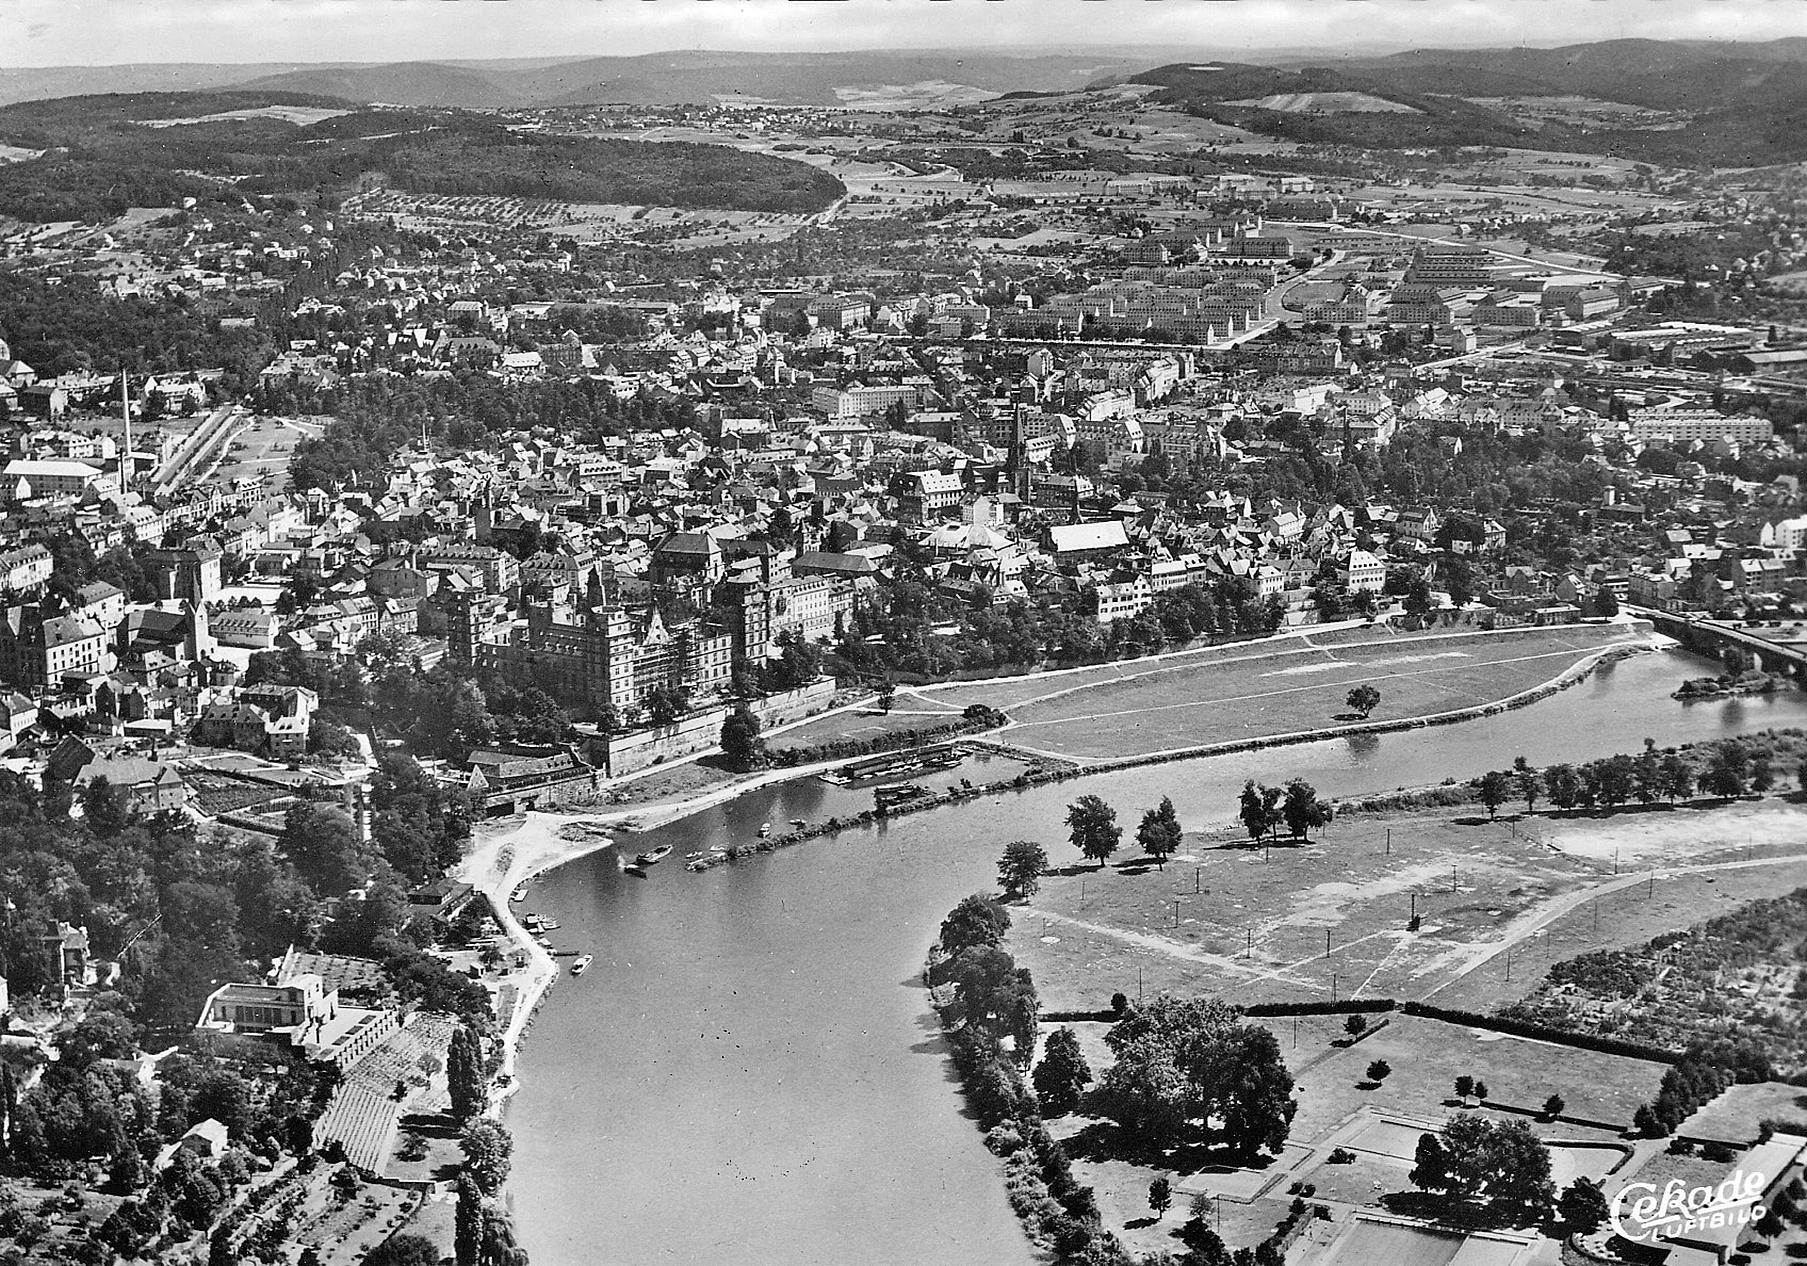 © Luftaufnahme, Cramers Kunstanstalt Dortmund. Stadt- und Stiftsarchiv Aschaffenburg, Ansichtskartensammlung